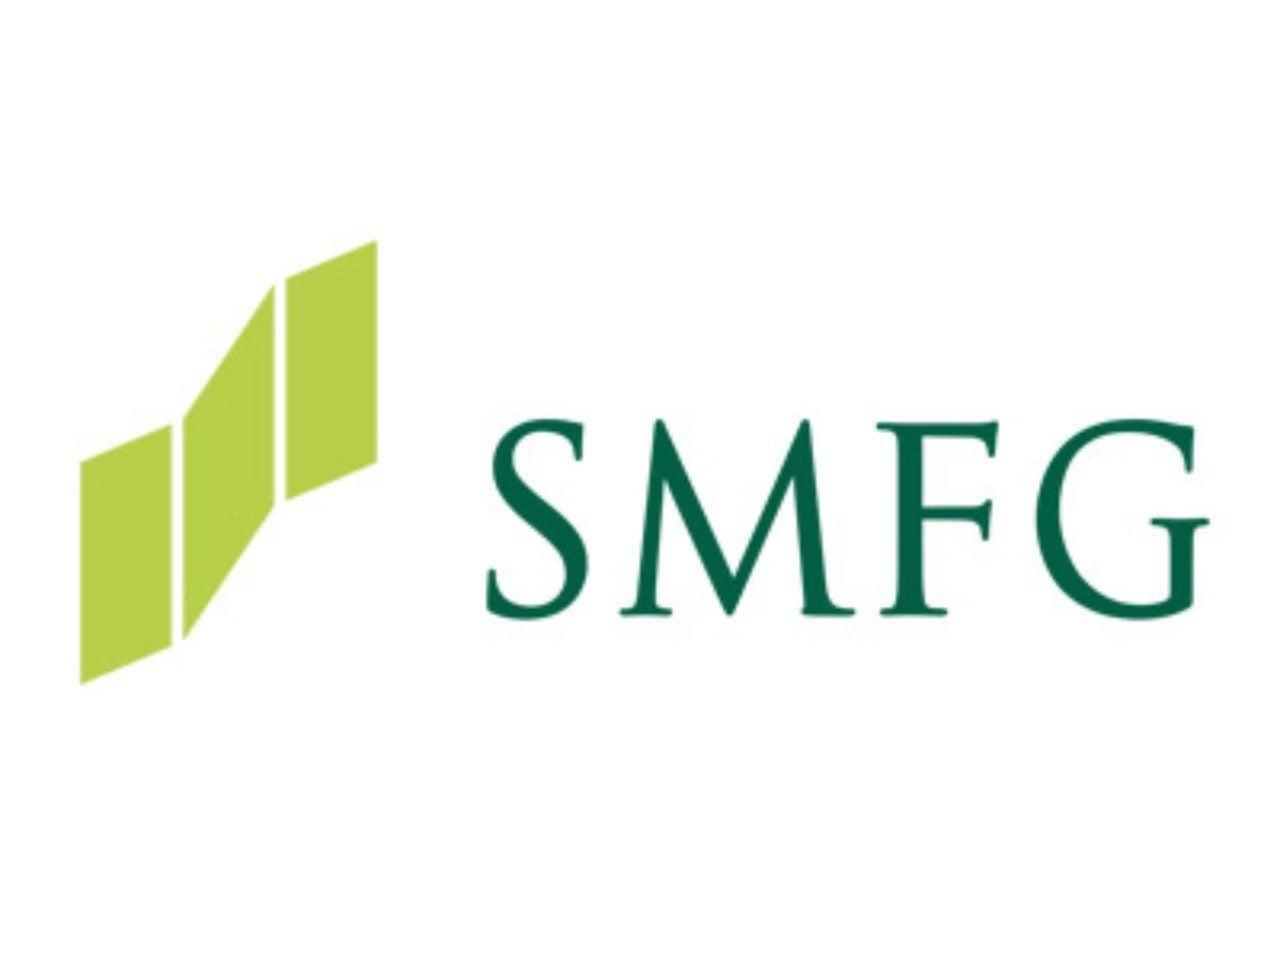 株価 smbc